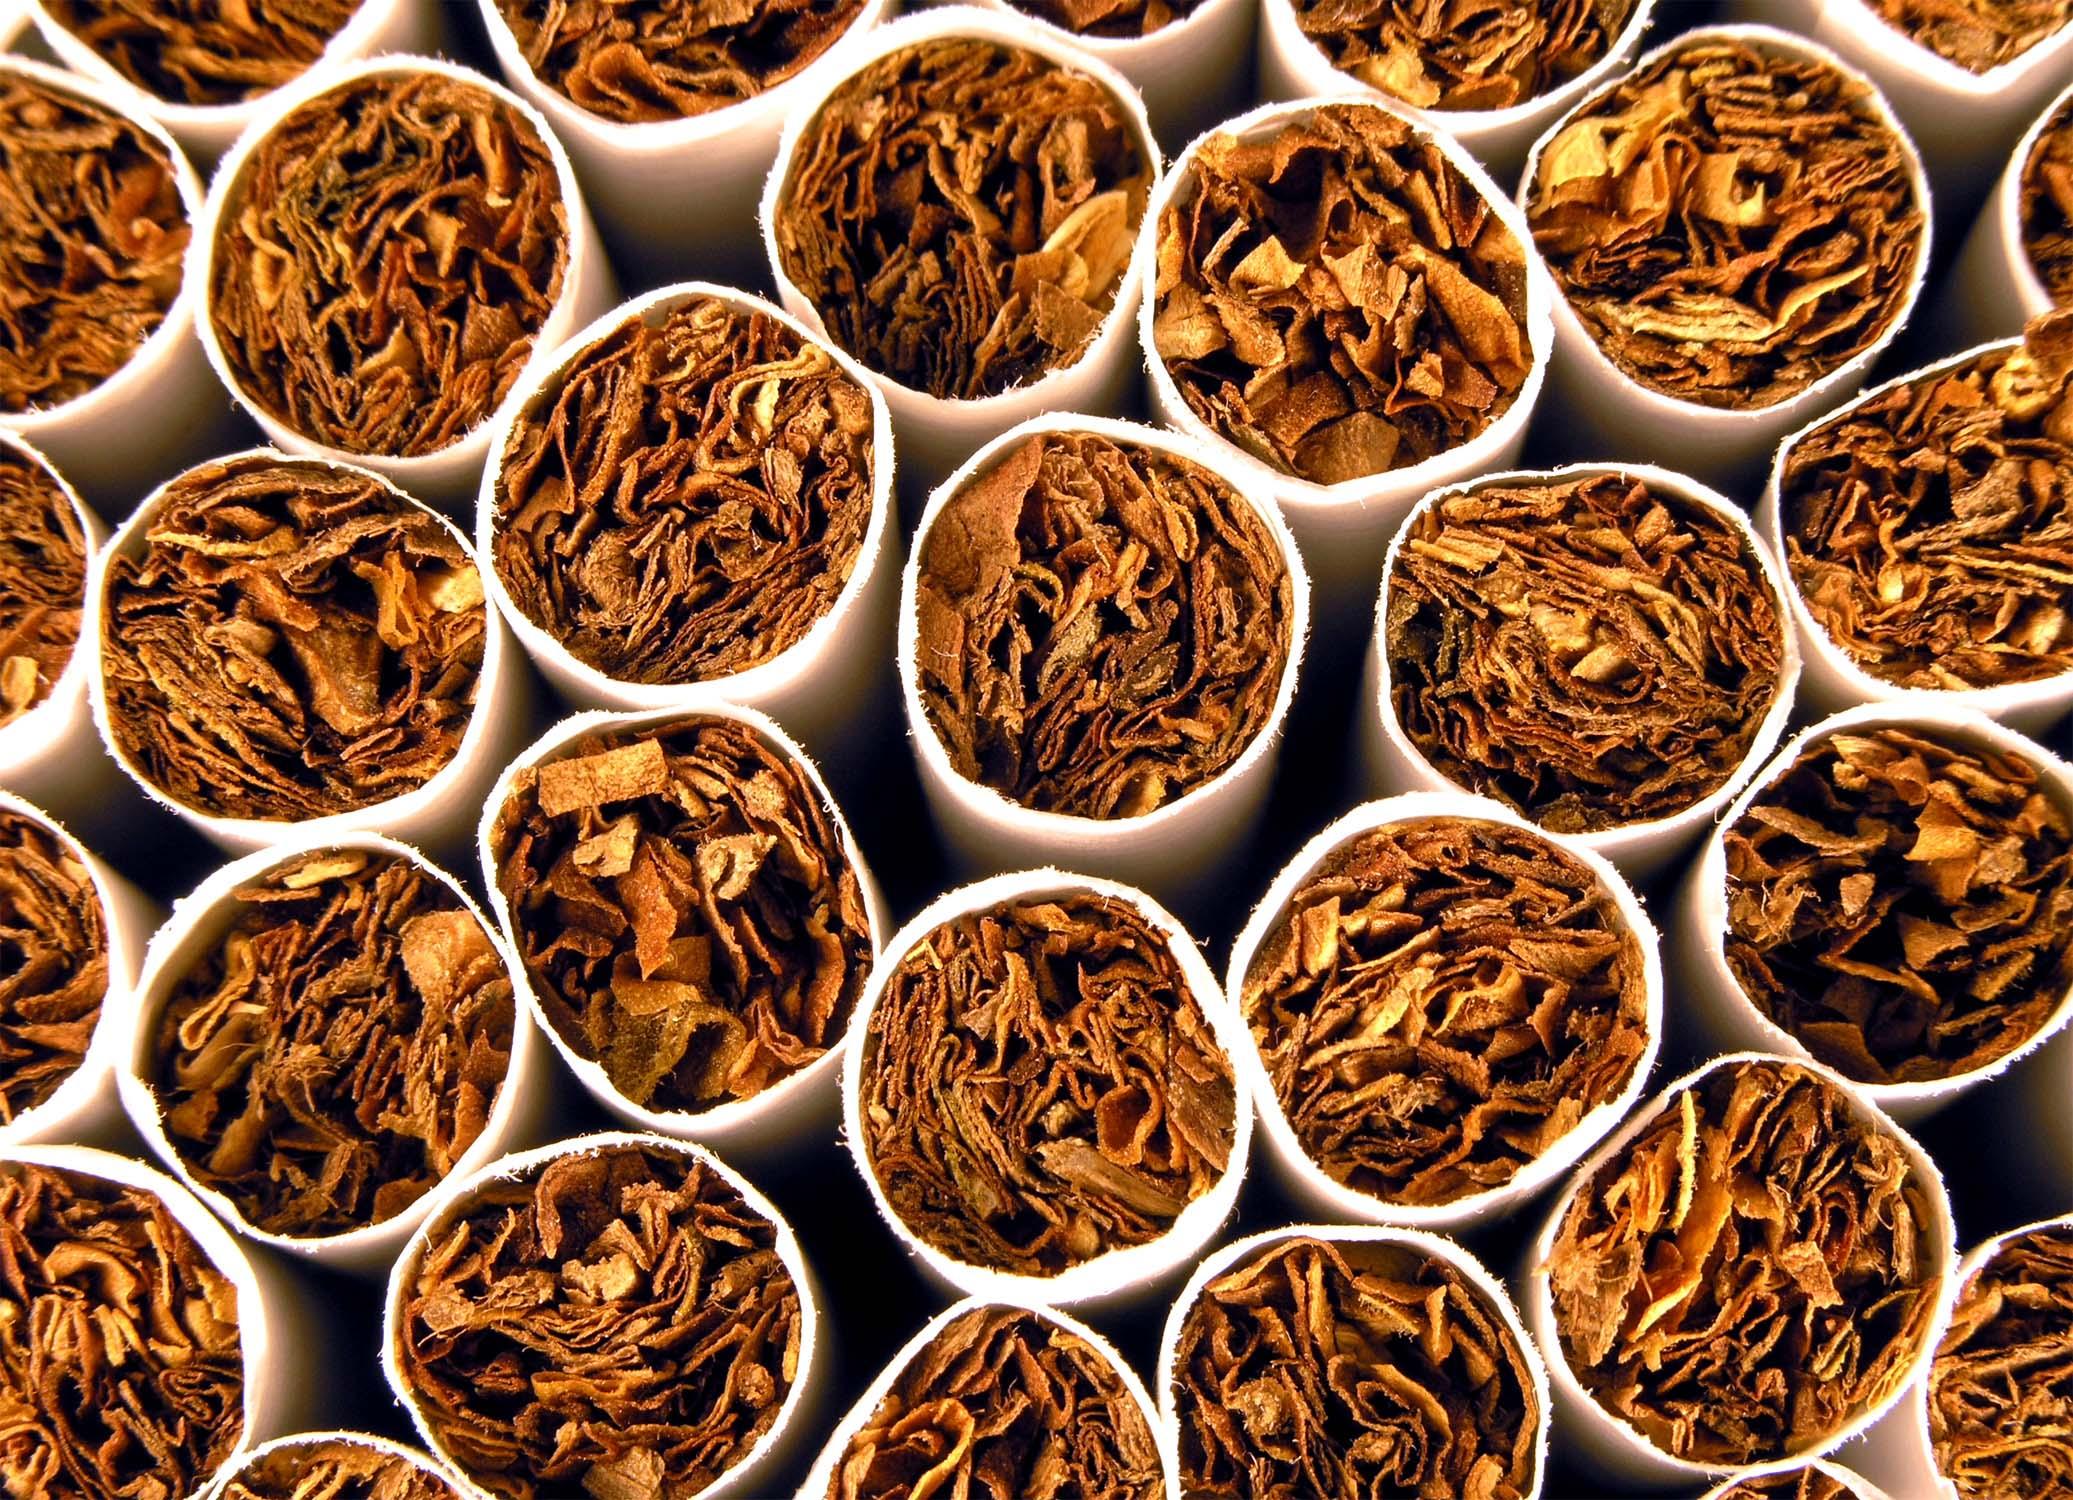 Dyrektywa tytoniowa – dwie strony medalu